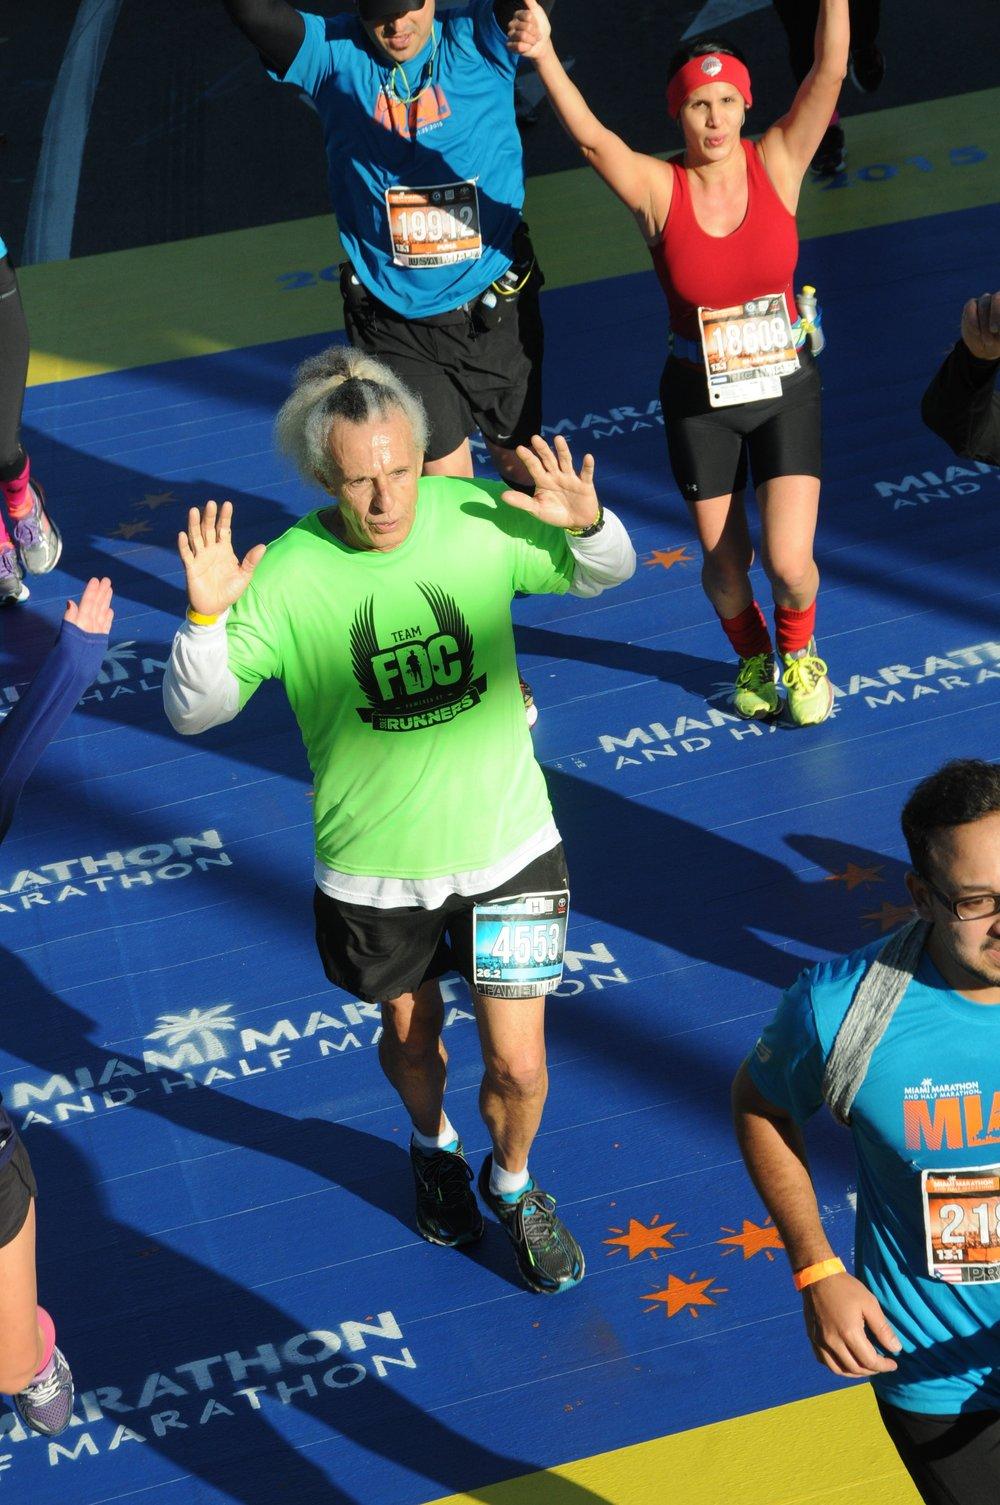 miami-marathon-6.jpg